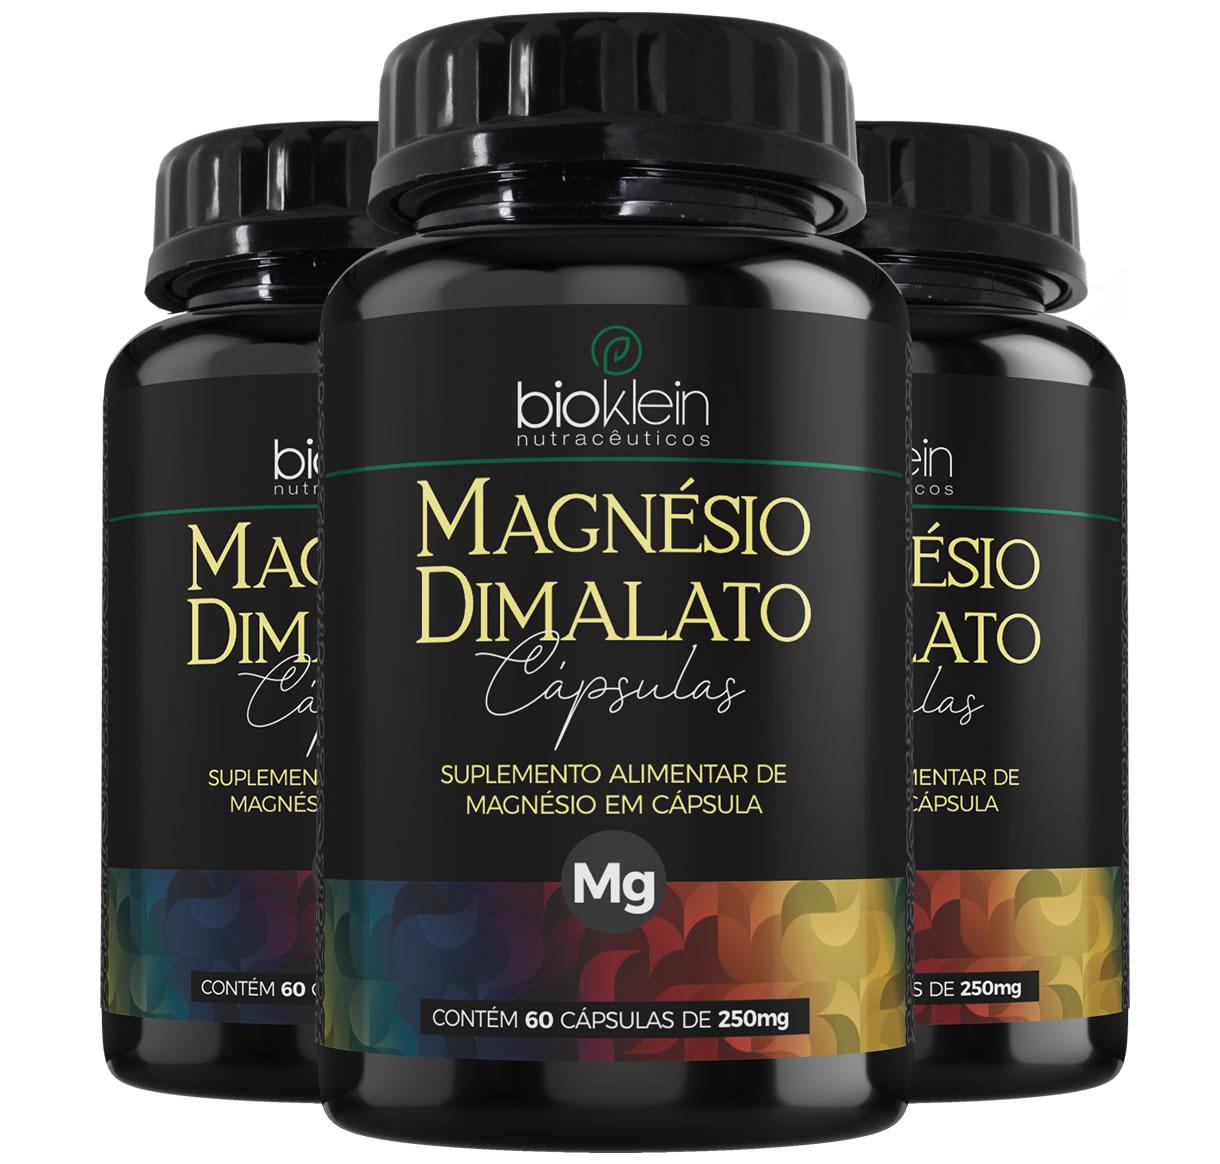 Magnésio Dimalato 130mg 180 Cápsulas (3x60) Bioklein